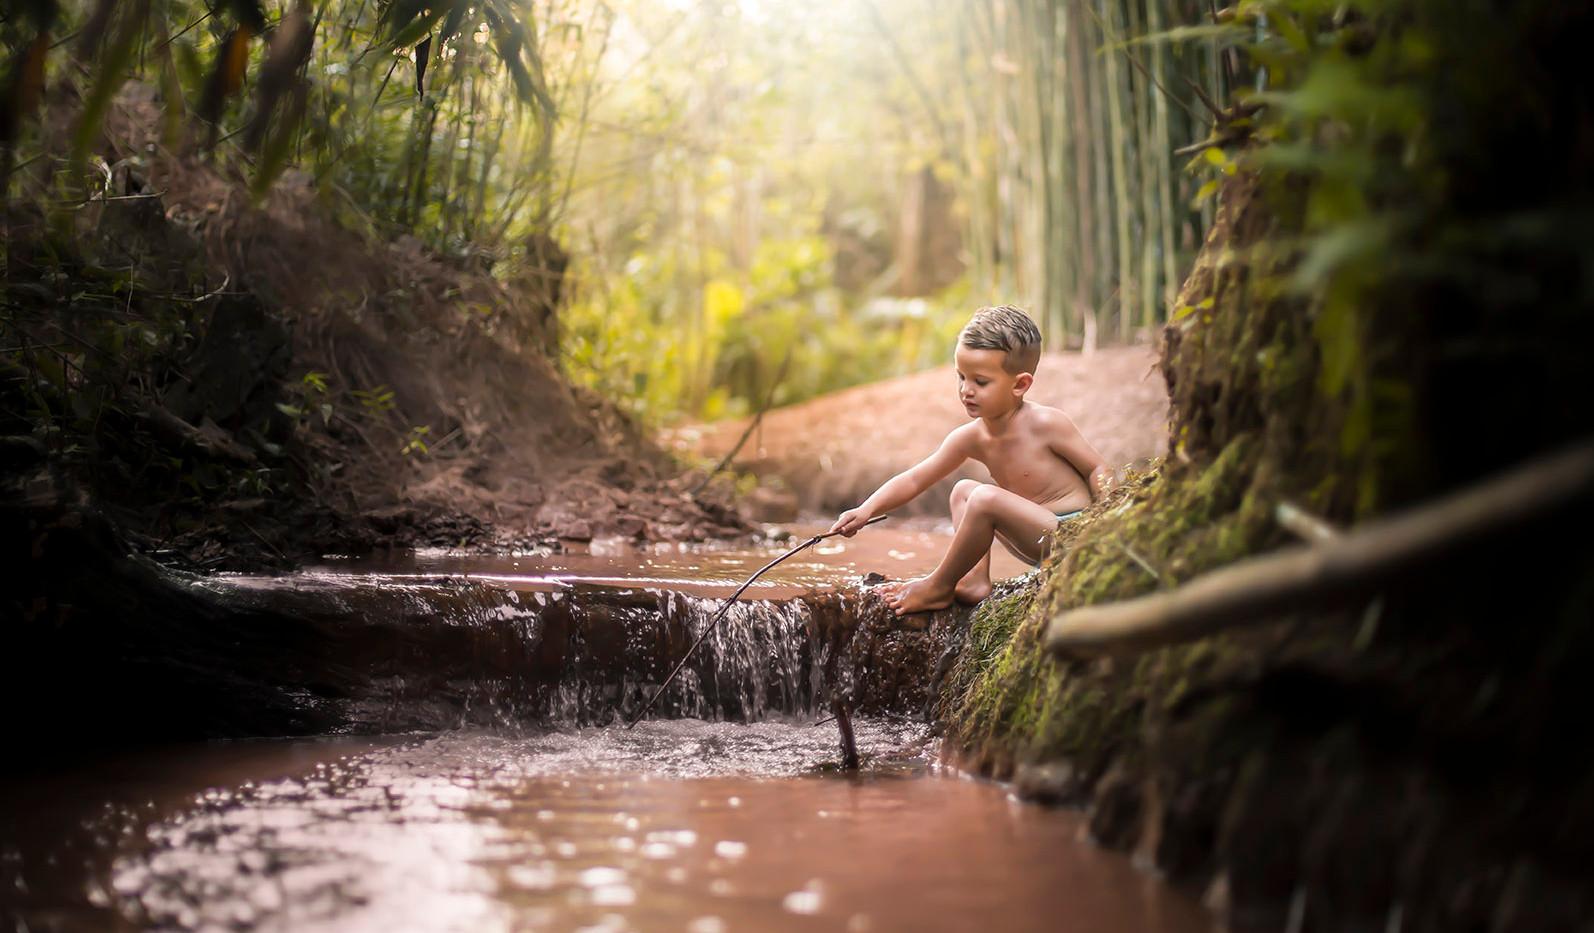 Menino brincando de pescar no rio